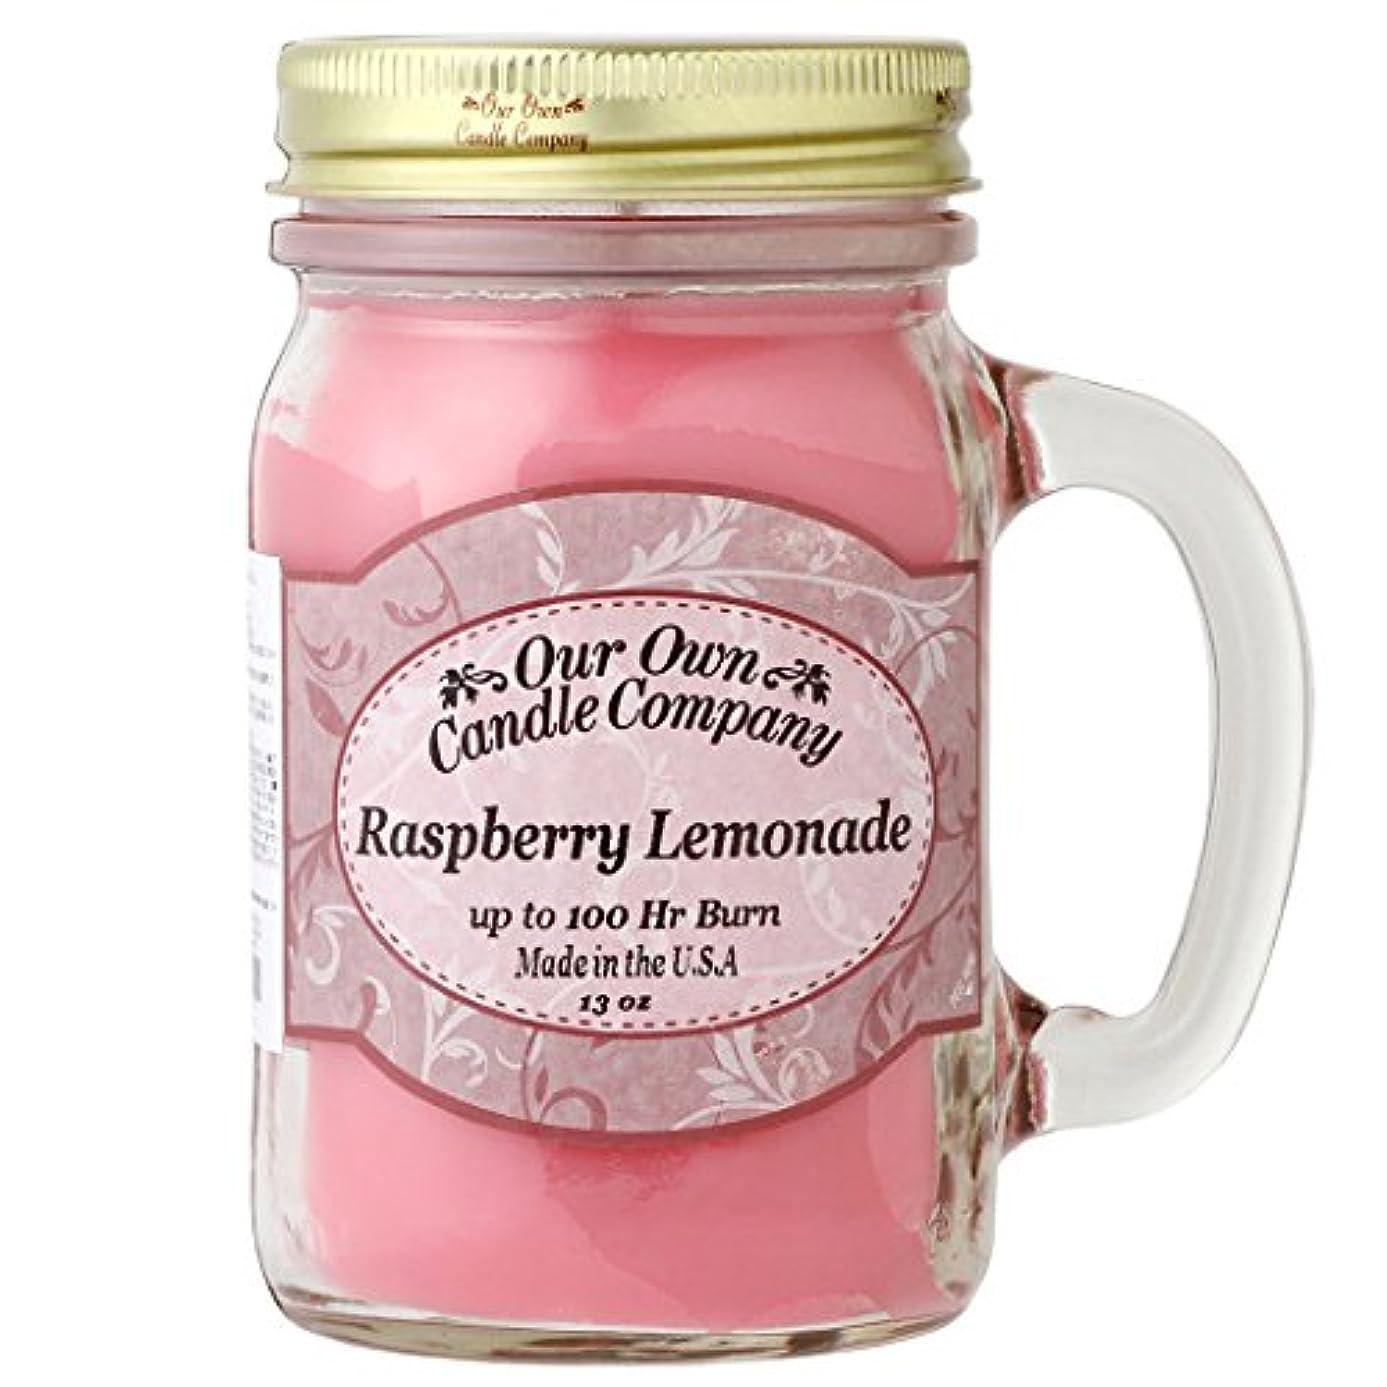 結婚式平らな抽出Our Own Candle Company メイソンジャーキャンドル ラージサイズ ラズベリーレモネード OU100096